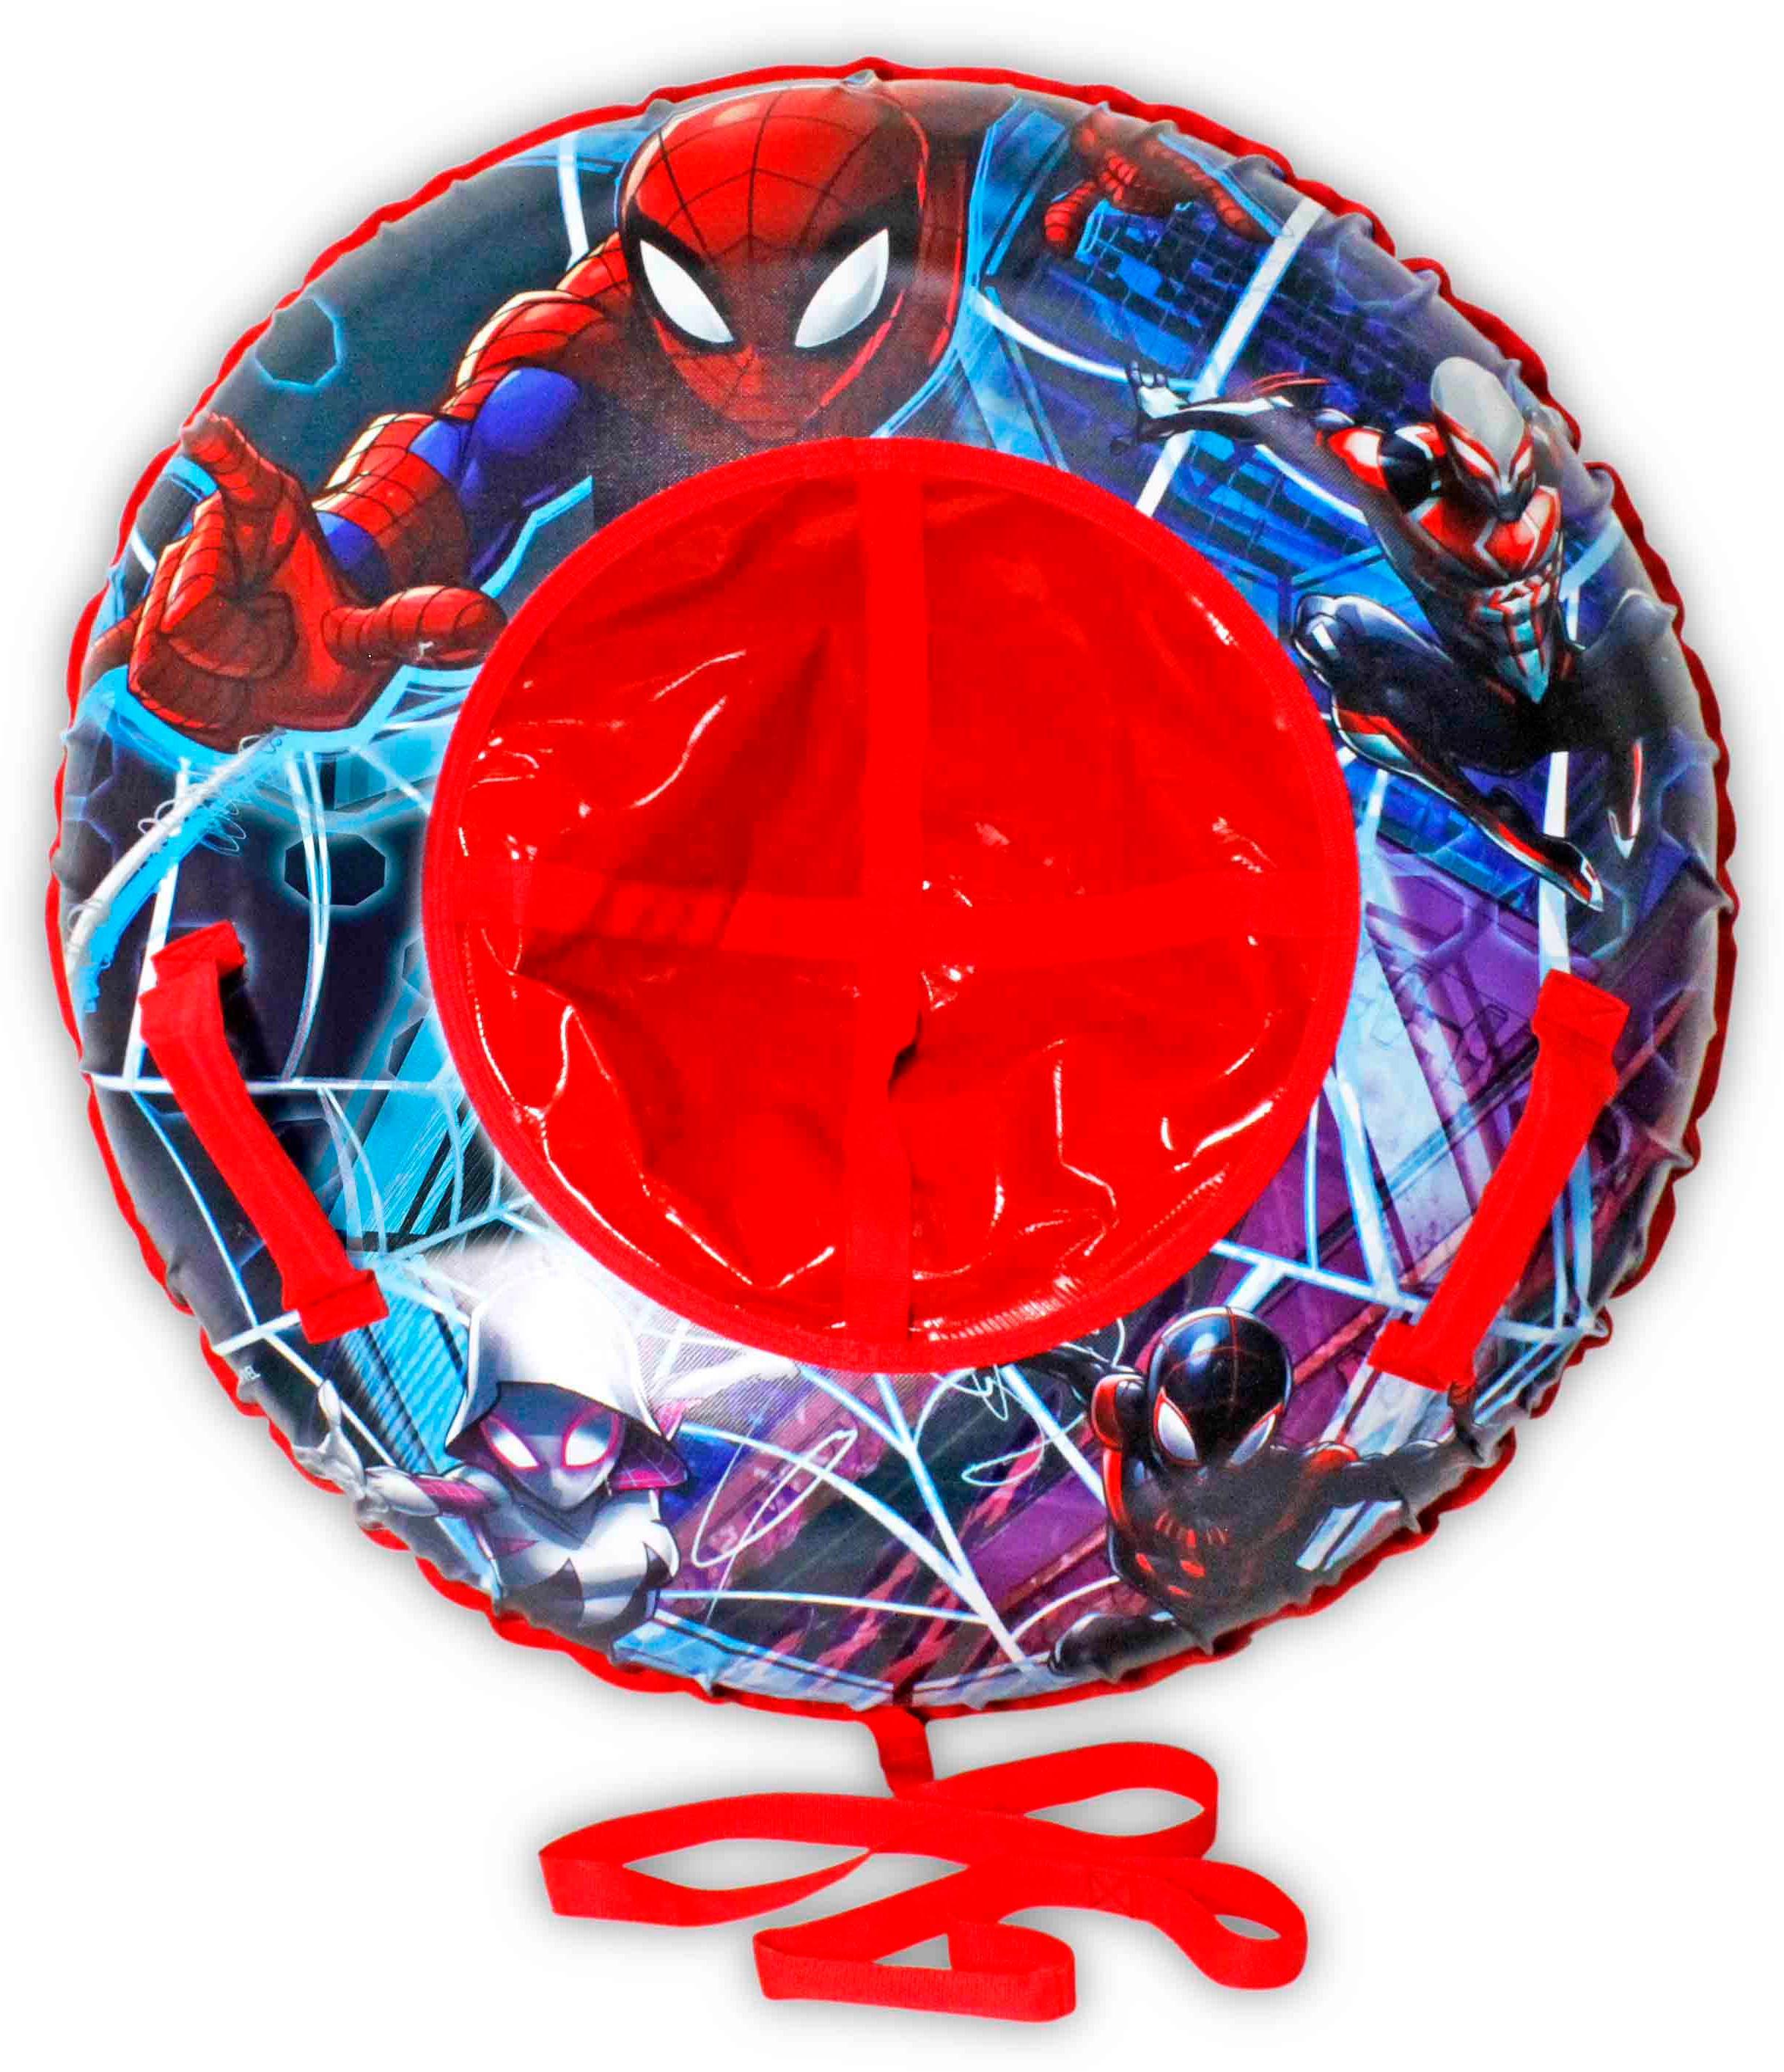 Купить Marvel тюбинг Человек-Паук 85 см - надувные сани, 1toy, Китай